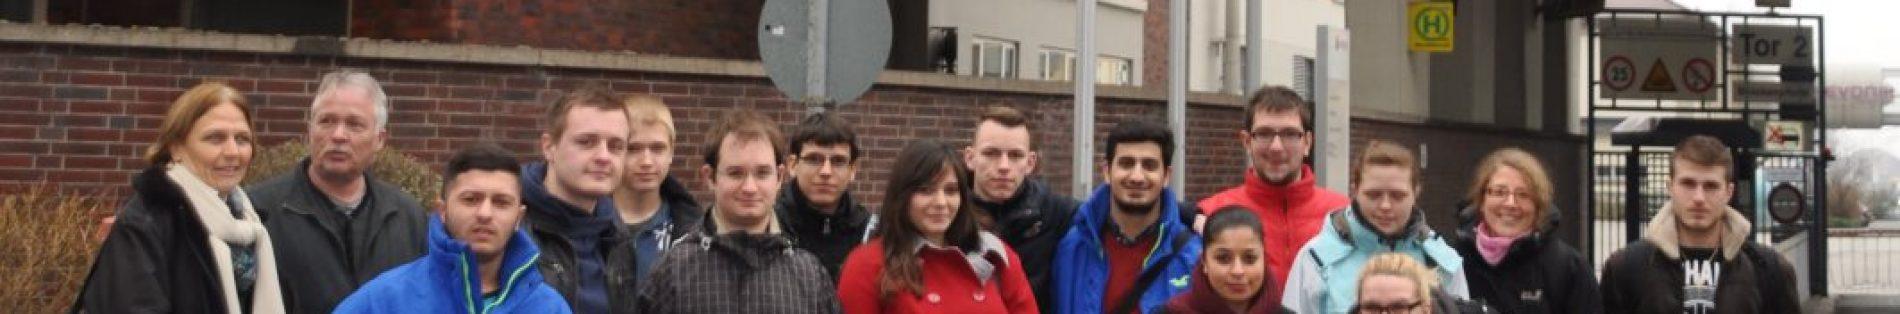 Die Berufsschüler der Johannes-Vatter-Schule vor dem Werkstor bei EVONIK in Darmstadt